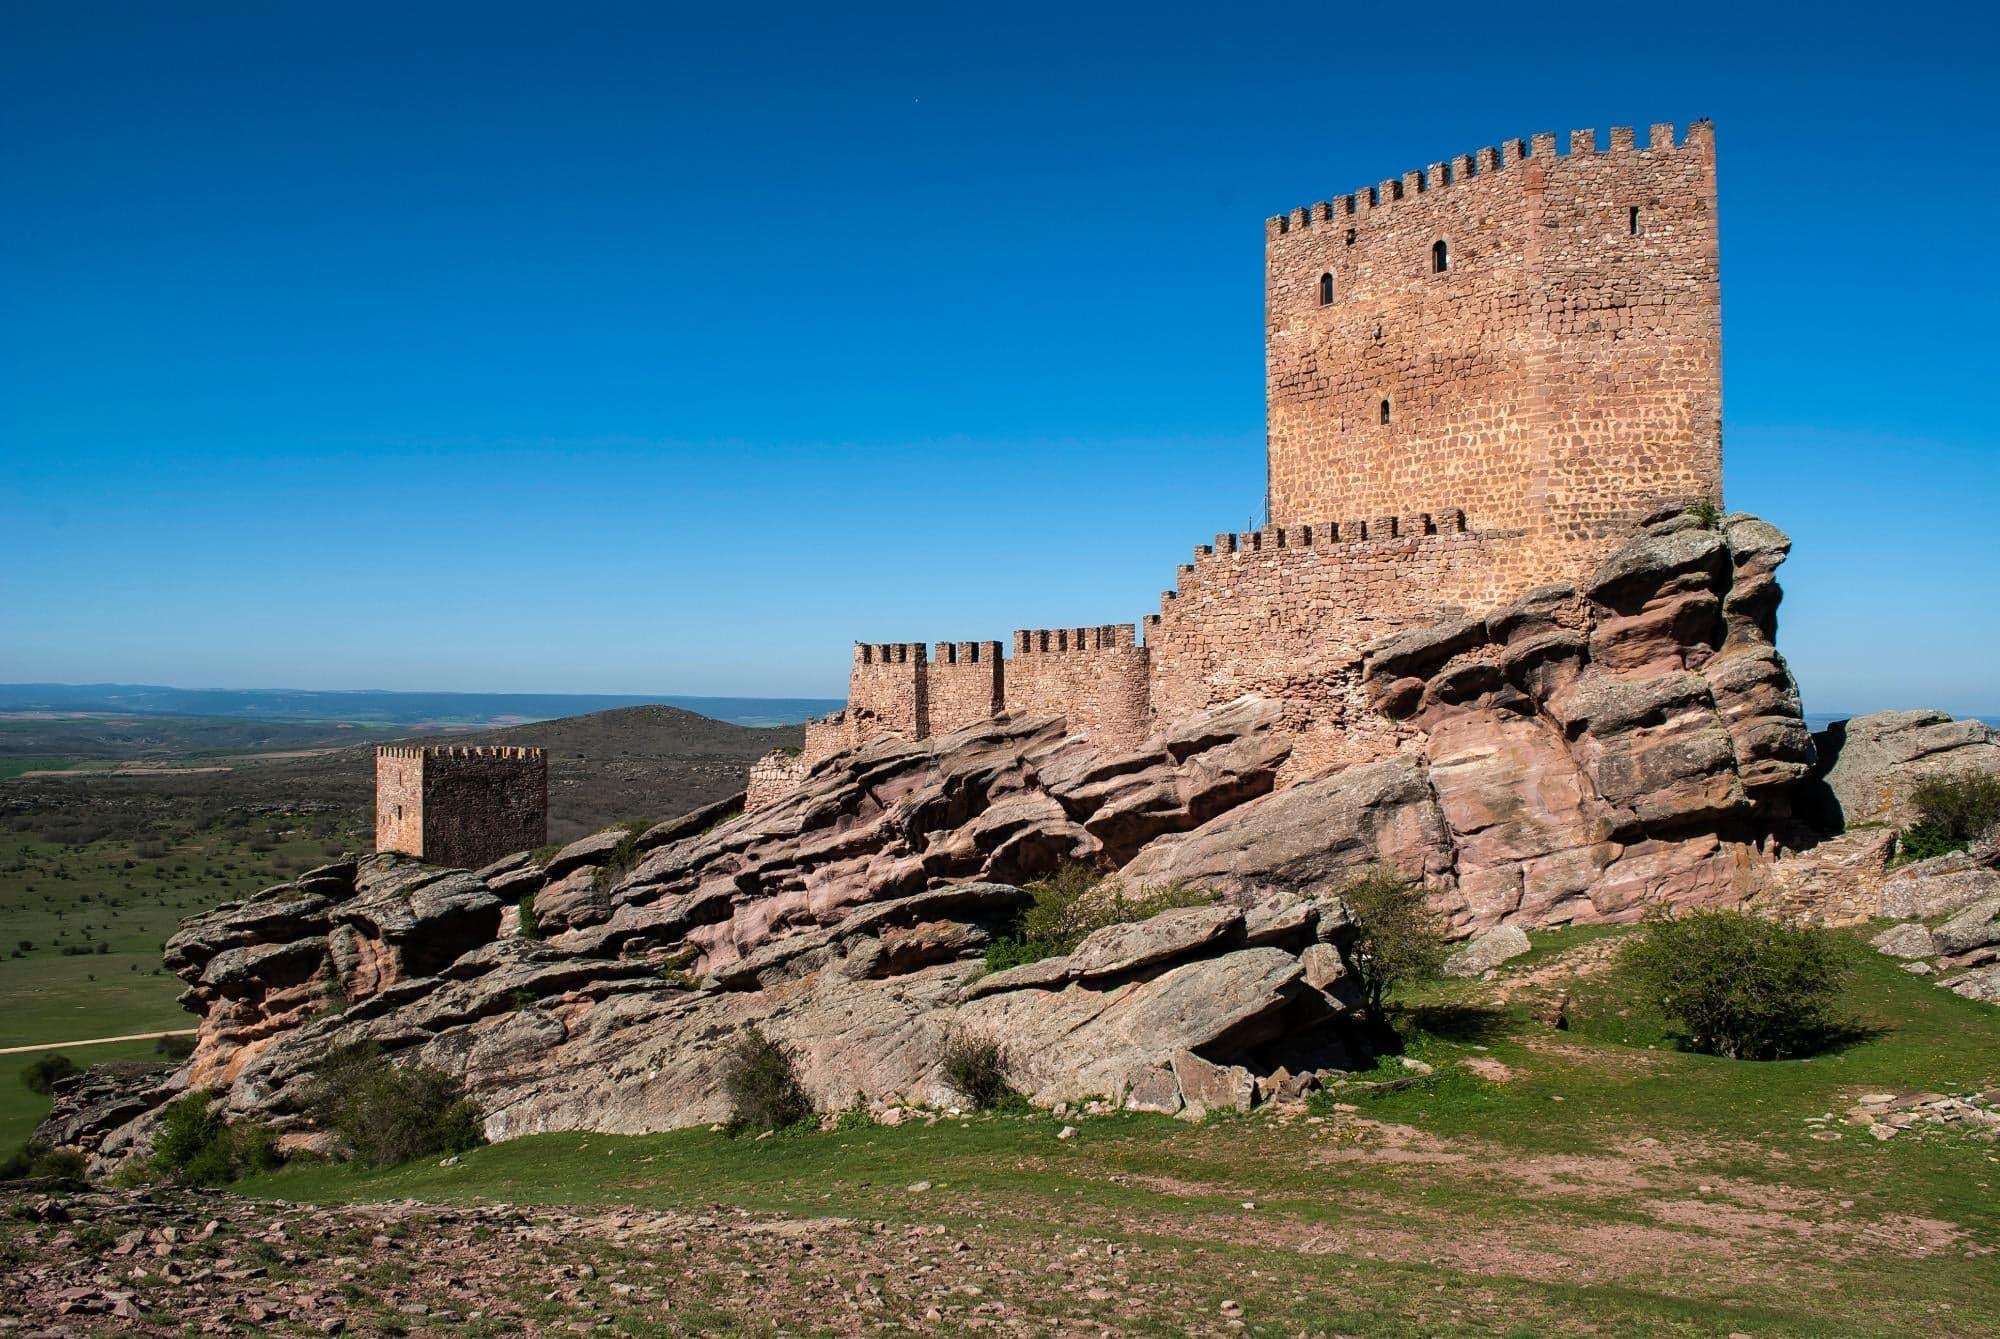 Campillo de Dueñas, Spanien — Tower of Joy